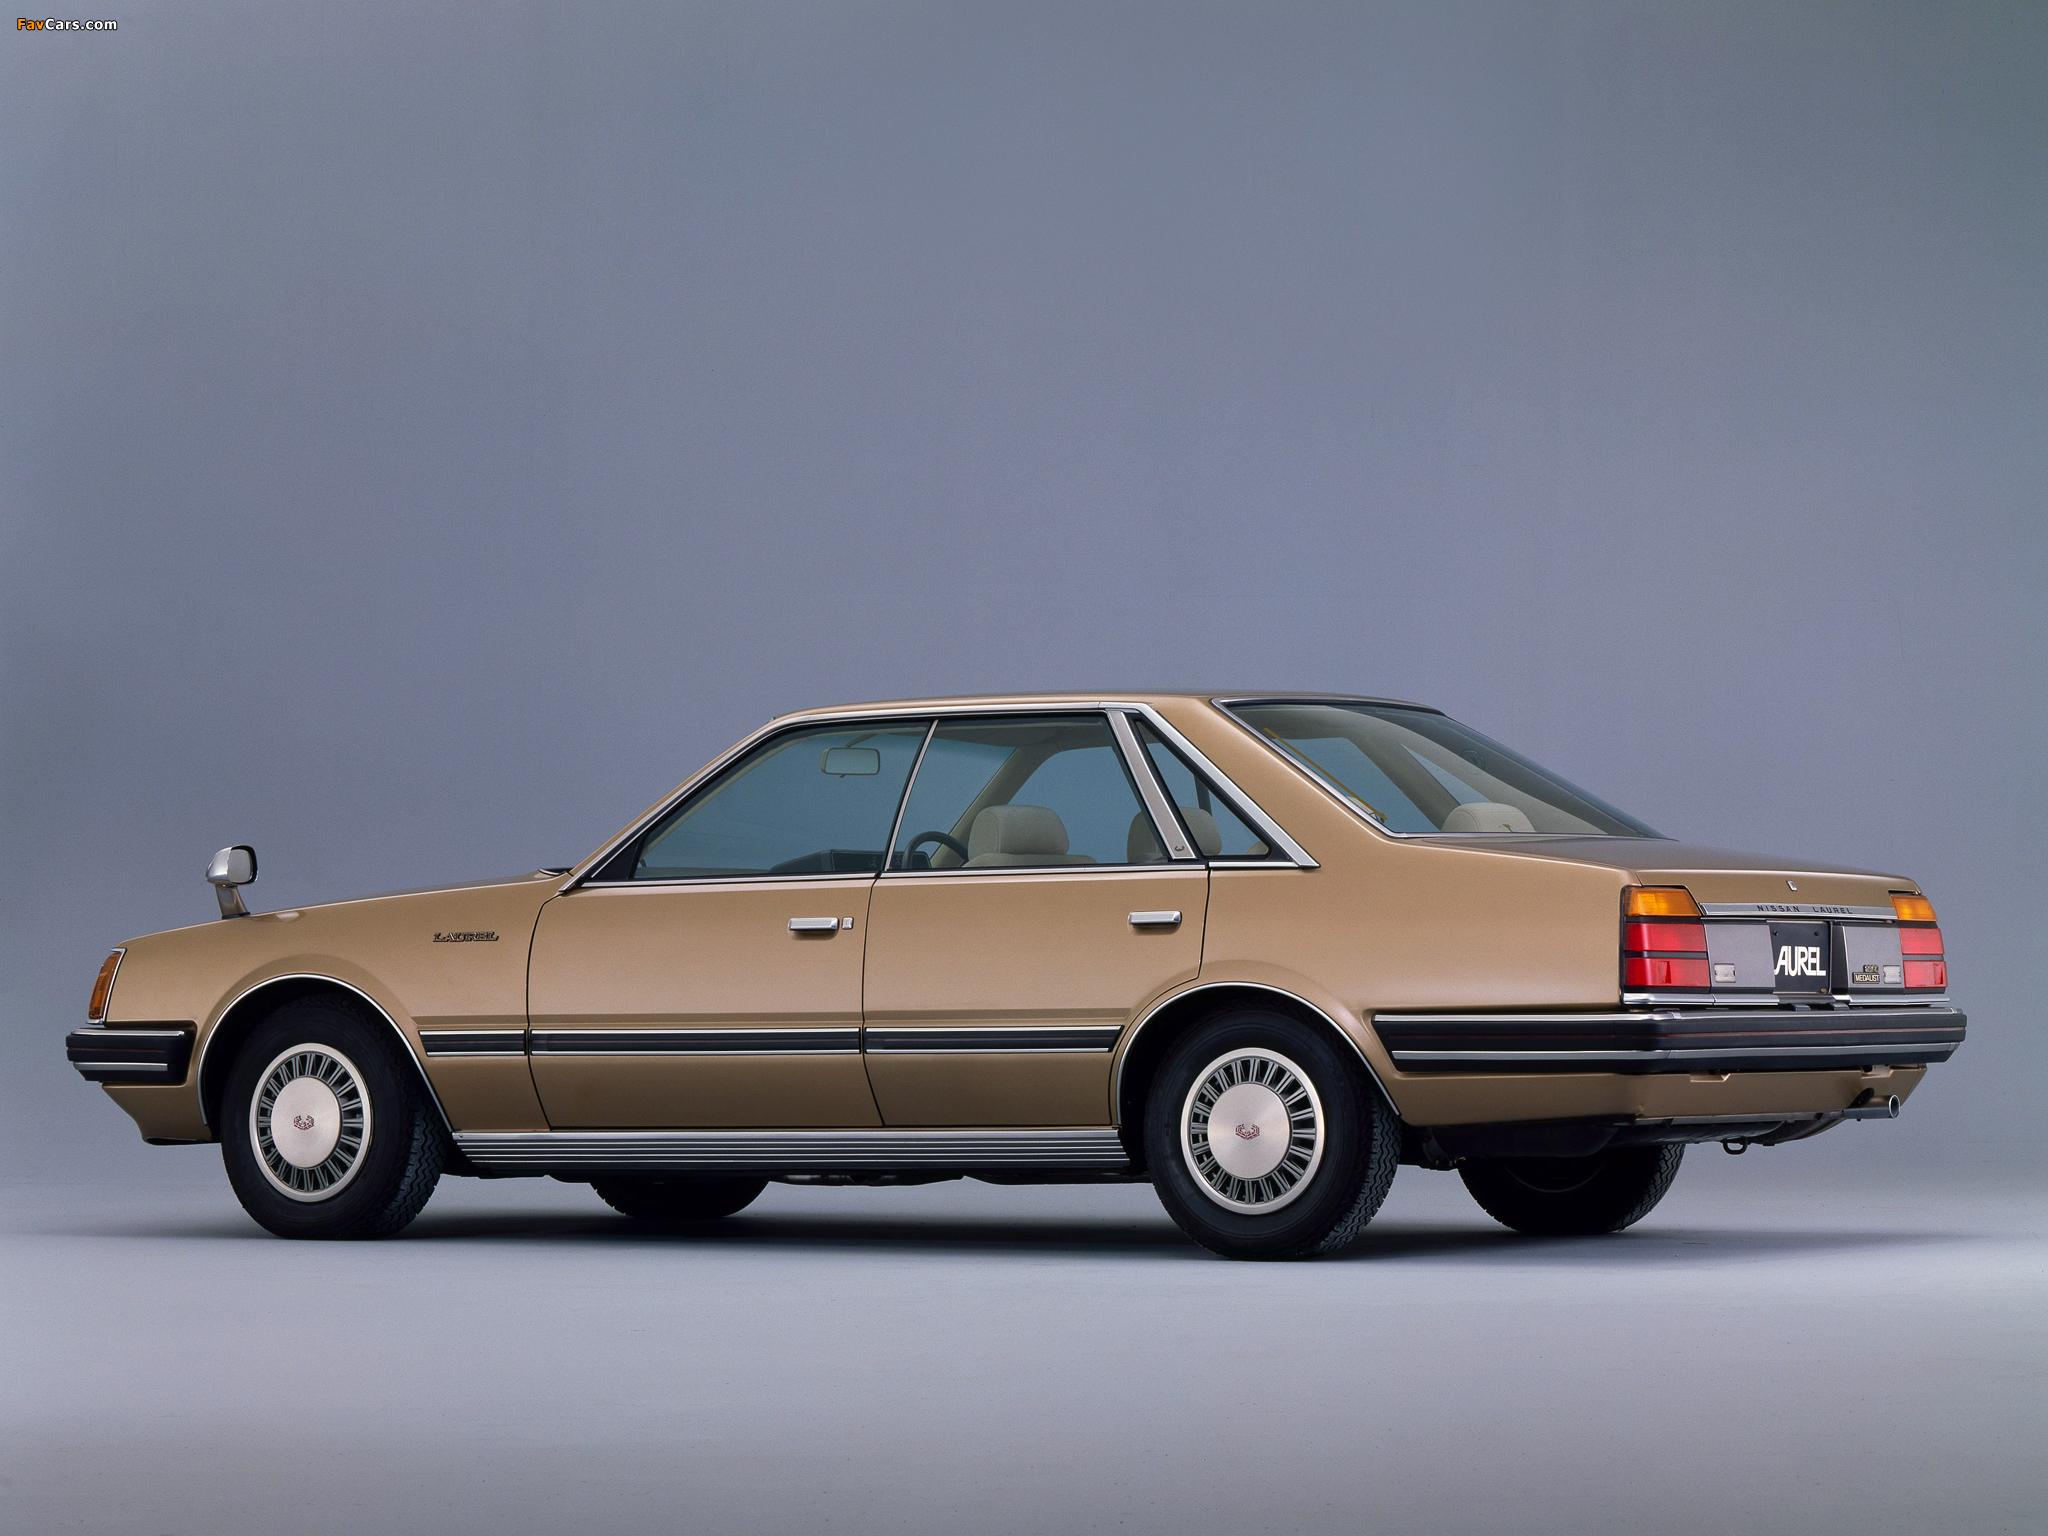 Nissan Laurel Hardtop C31 1980 82 Pictures 2048x1536